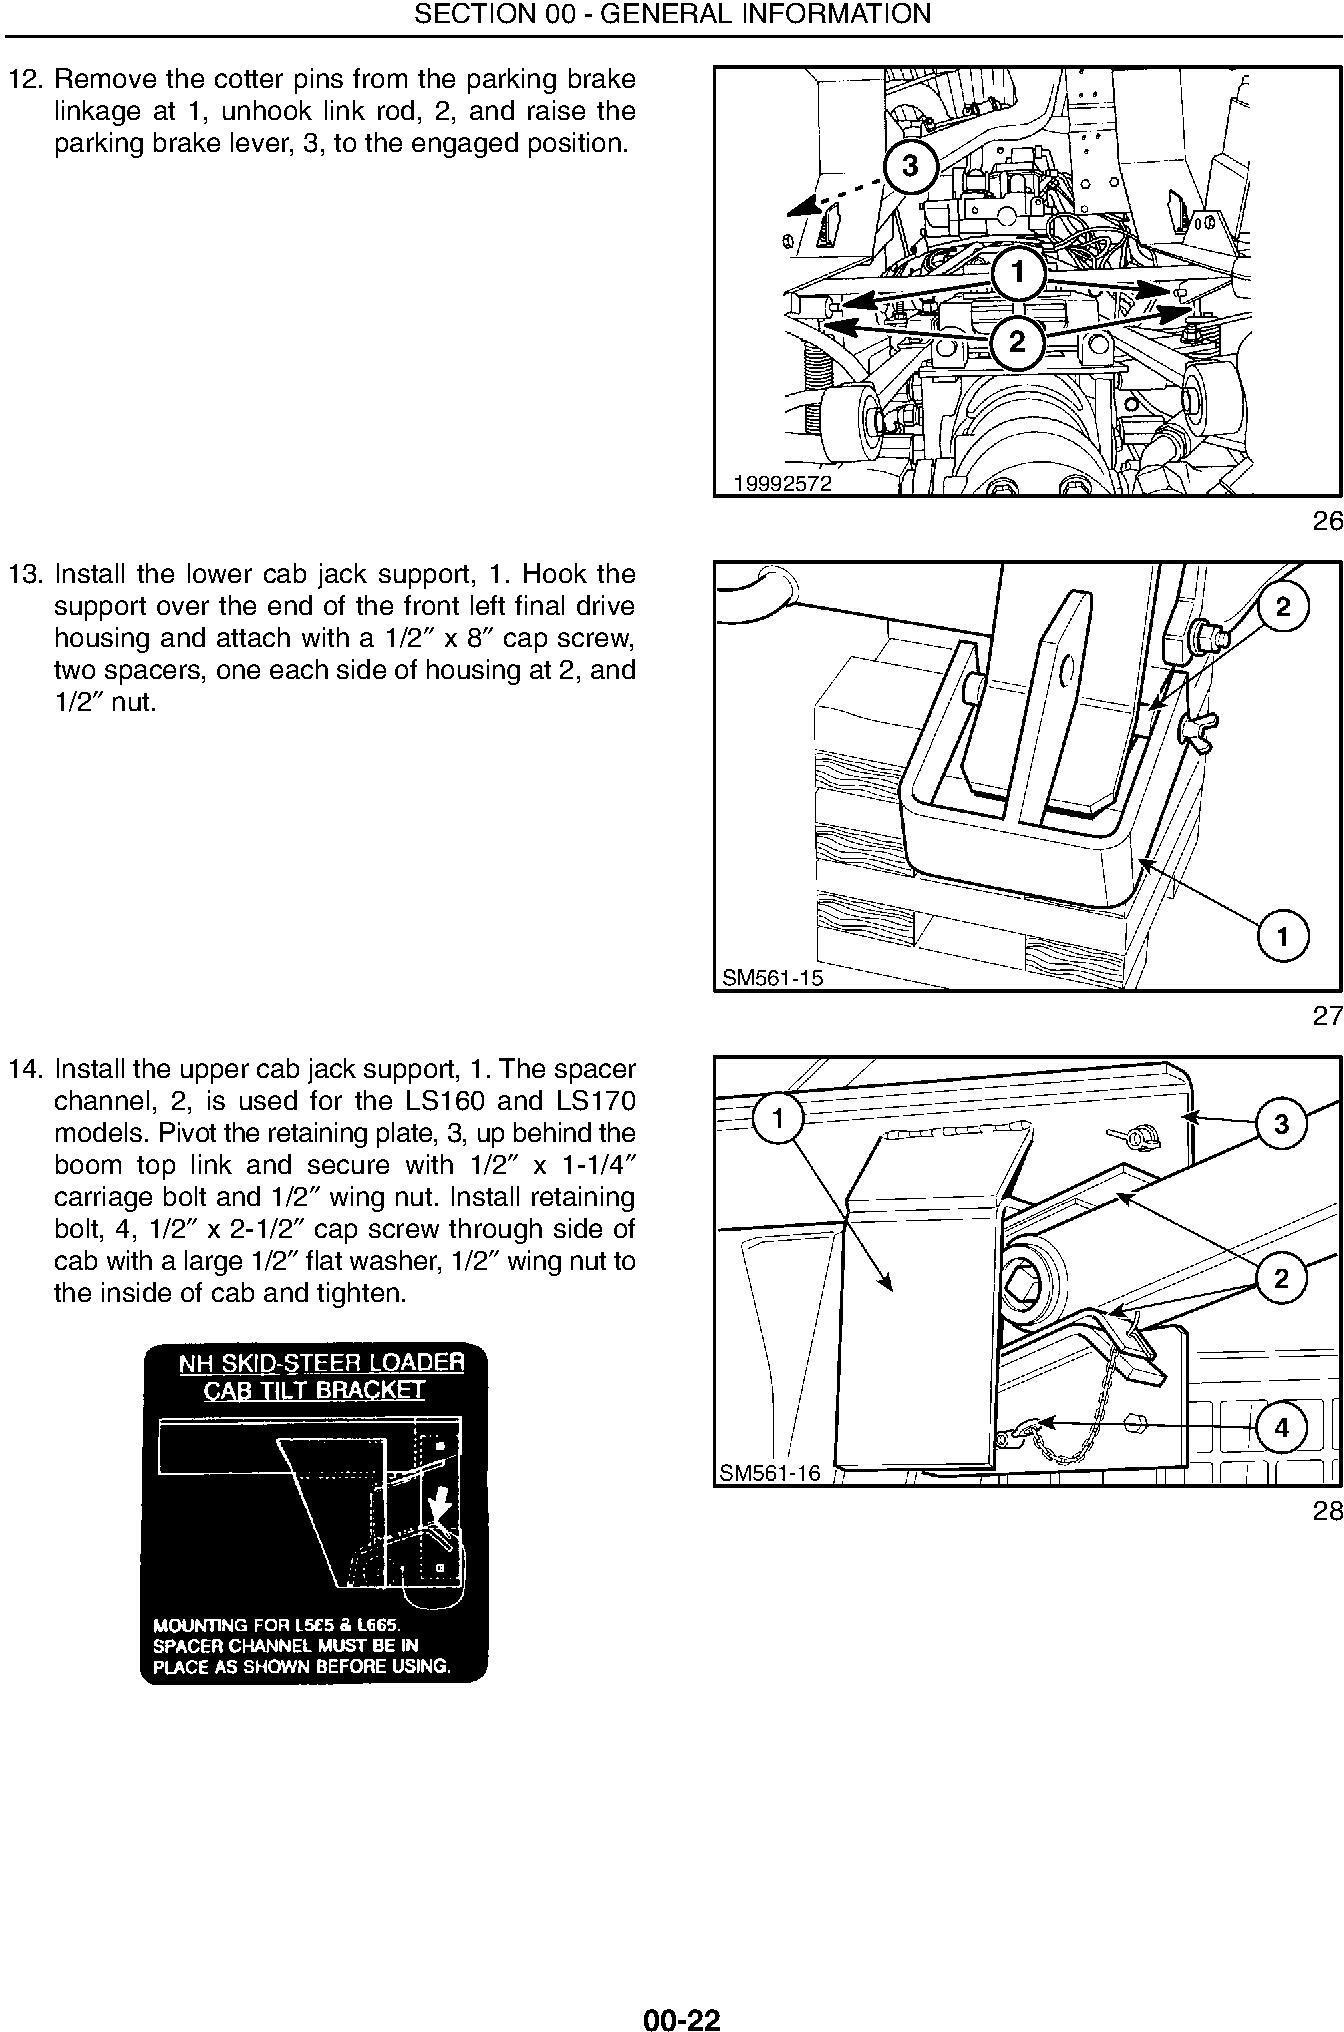 New Holland LS160, LS170 Skid Steer Loader Service Manual - 1